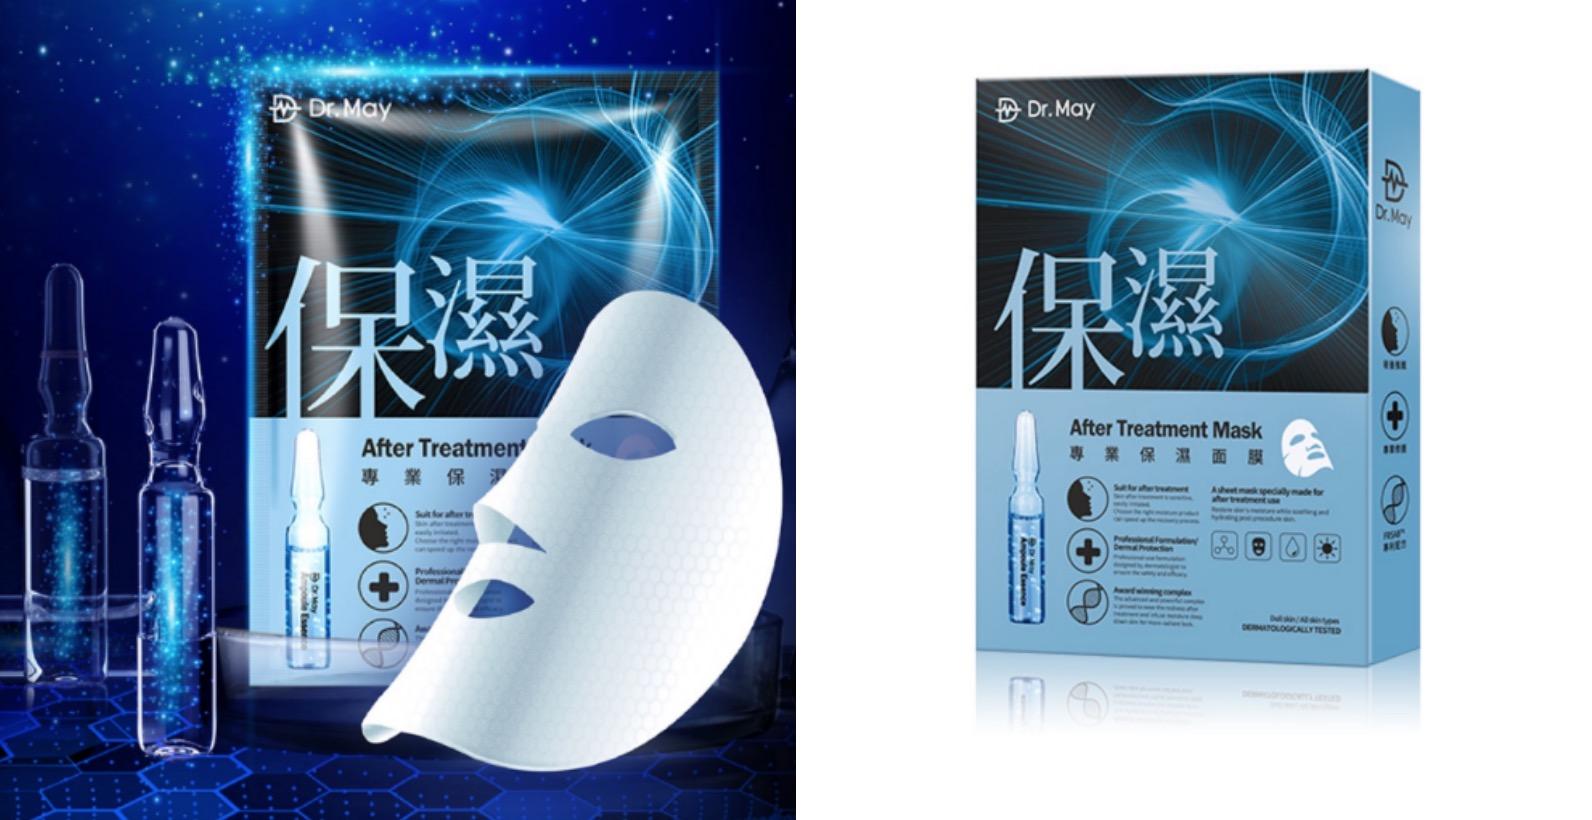 專利FRSAB複方精油添加,使用10分鐘幫助肌膚持續透亮水潤,超棉柔隱形布膜,科技加壓深層導入,精華液不低落同時更服貼臉部。